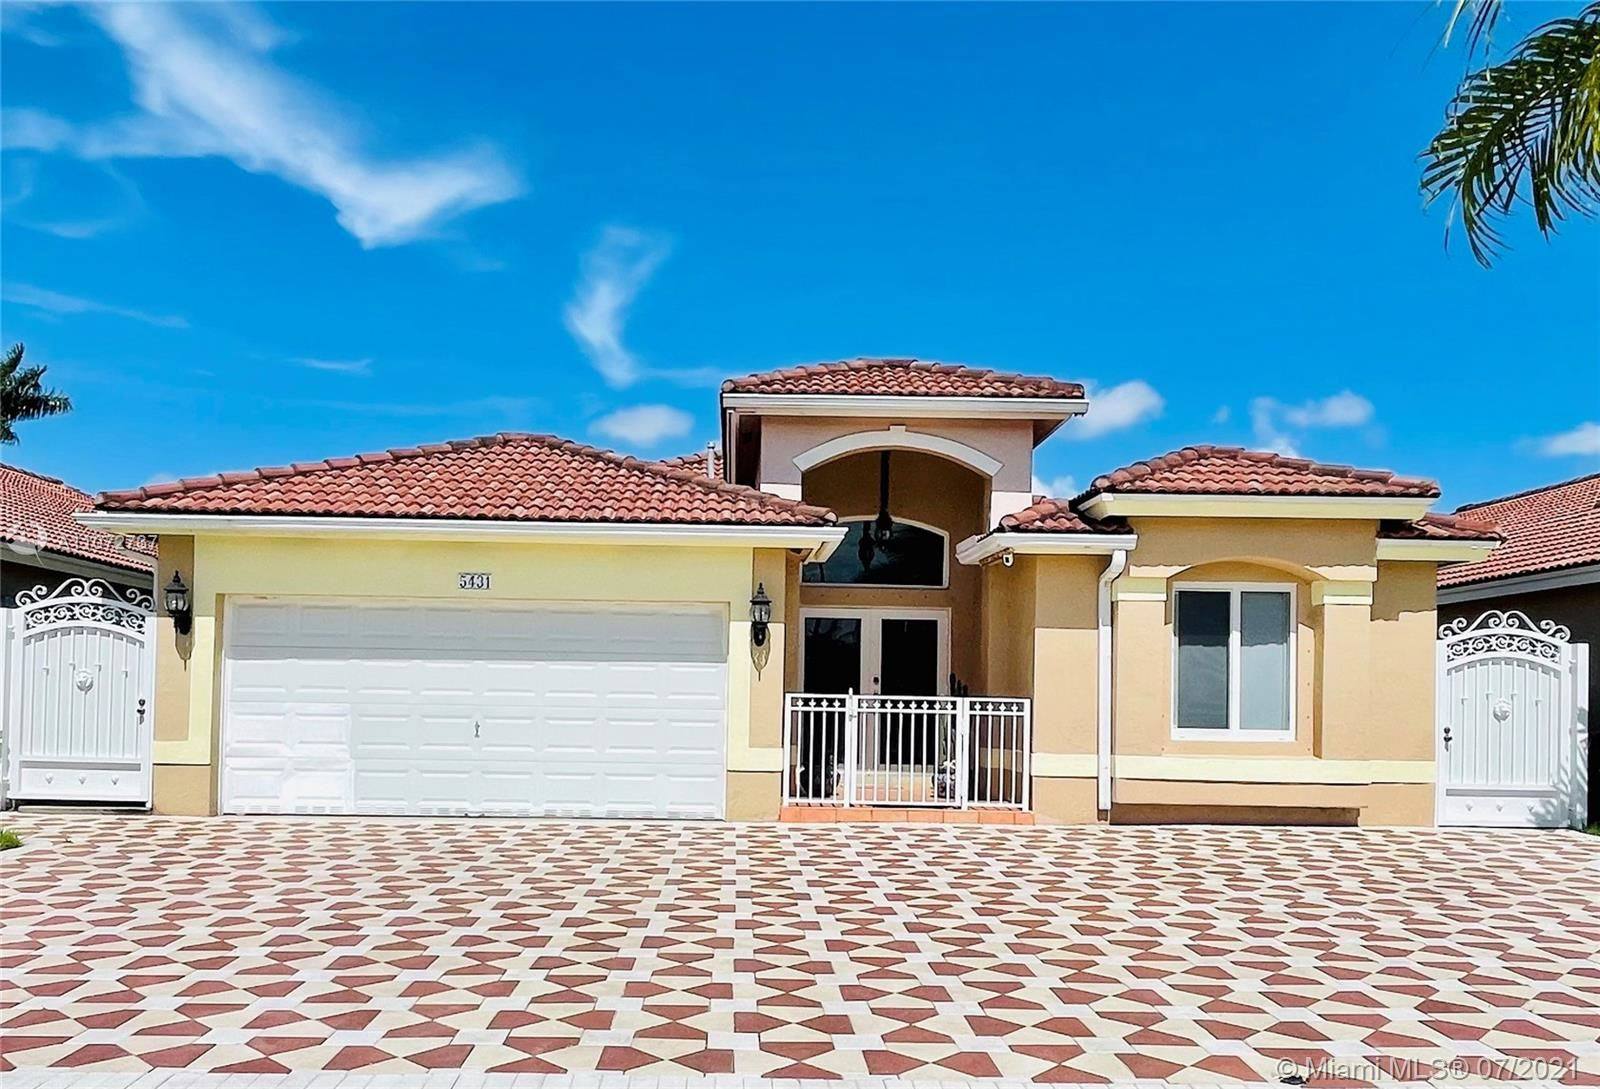 5431 SW 163rd Ct, Miami, FL 33185 - #: A11072737